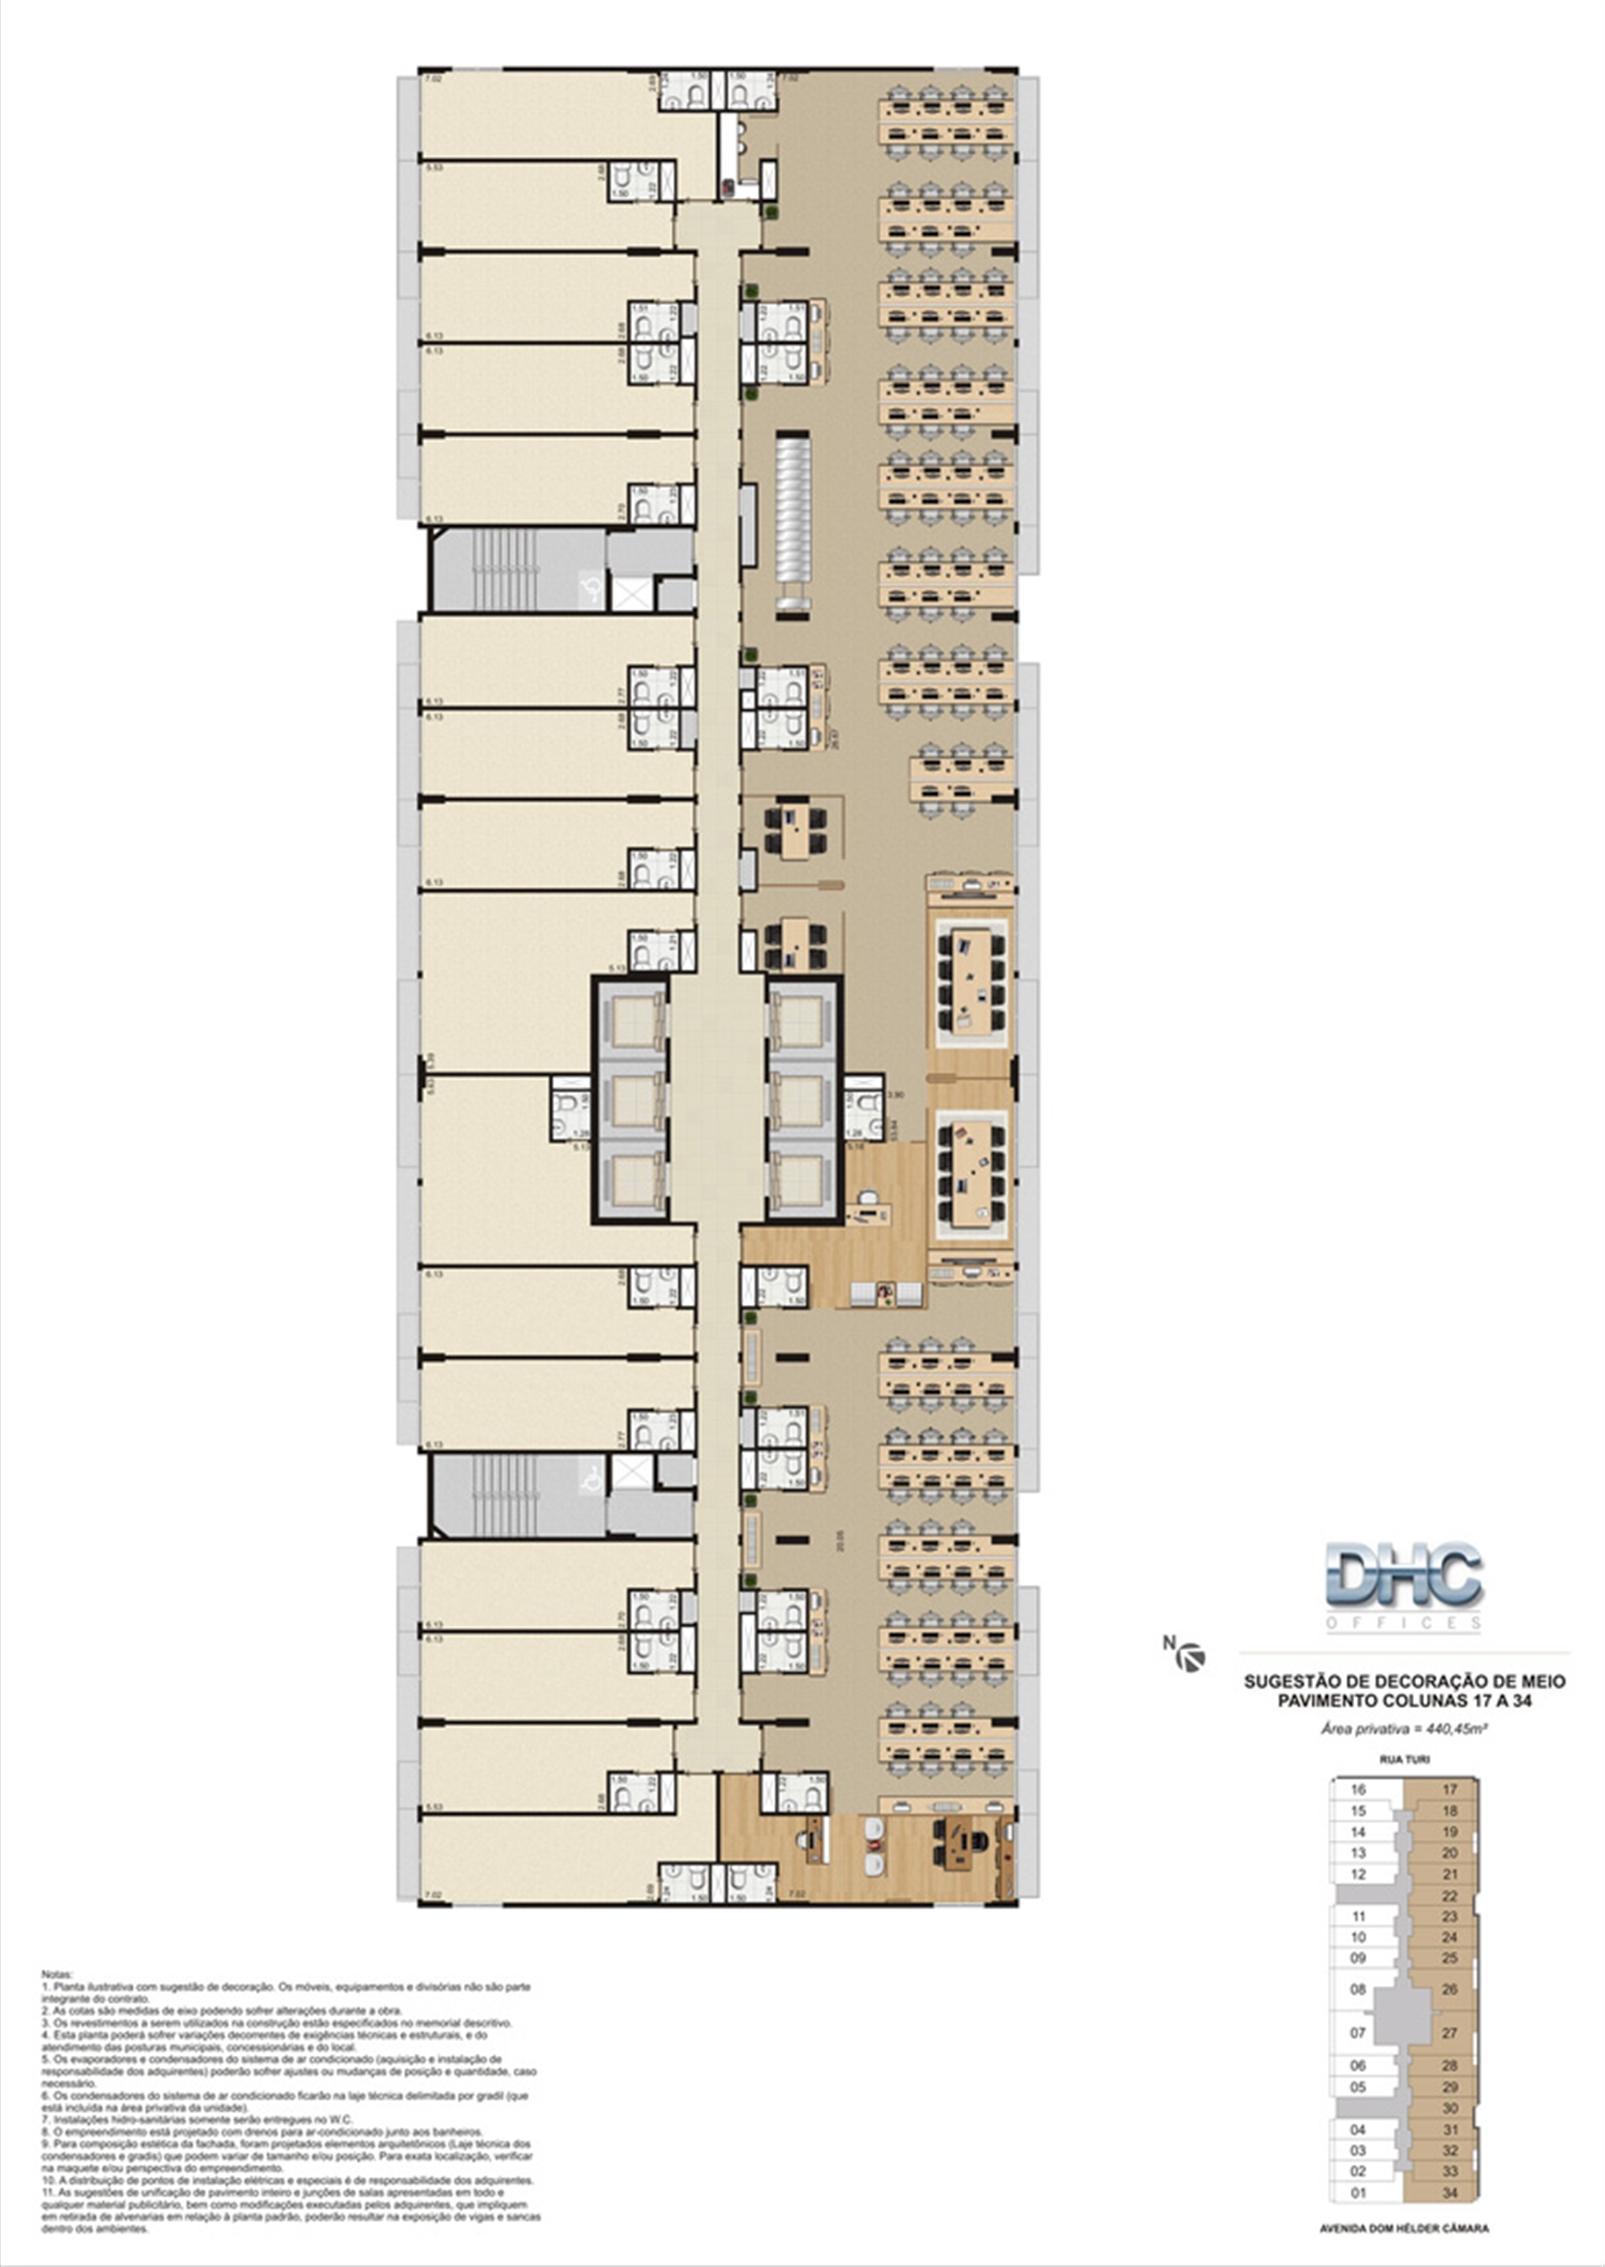 Sugestão de Decoração de Meio Pavimento - Colunas 17 a 34 | DHC Offices – Salas Comerciaisem  Pilares - Rio de Janeiro - Rio de Janeiro